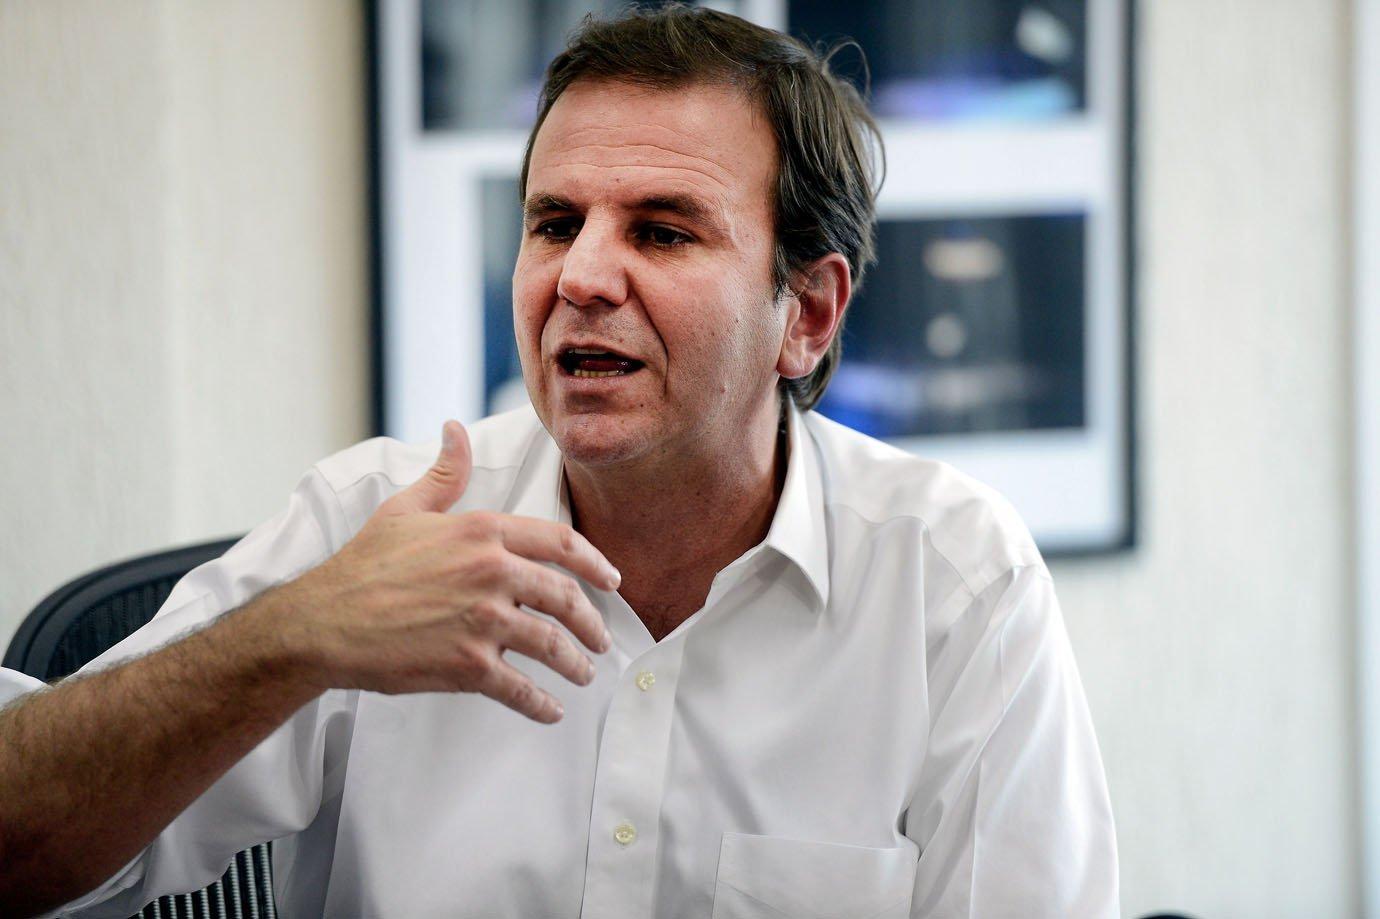 Rio de Janeiro - Coletiva de imprensa com o prefeito Eduardo Paes, para falar sobre o vazamento da conversa entre ele e o ex-presidente Lula (Tânia Rêgo/Agência Brasil) eleição - eleições - eleições municipais